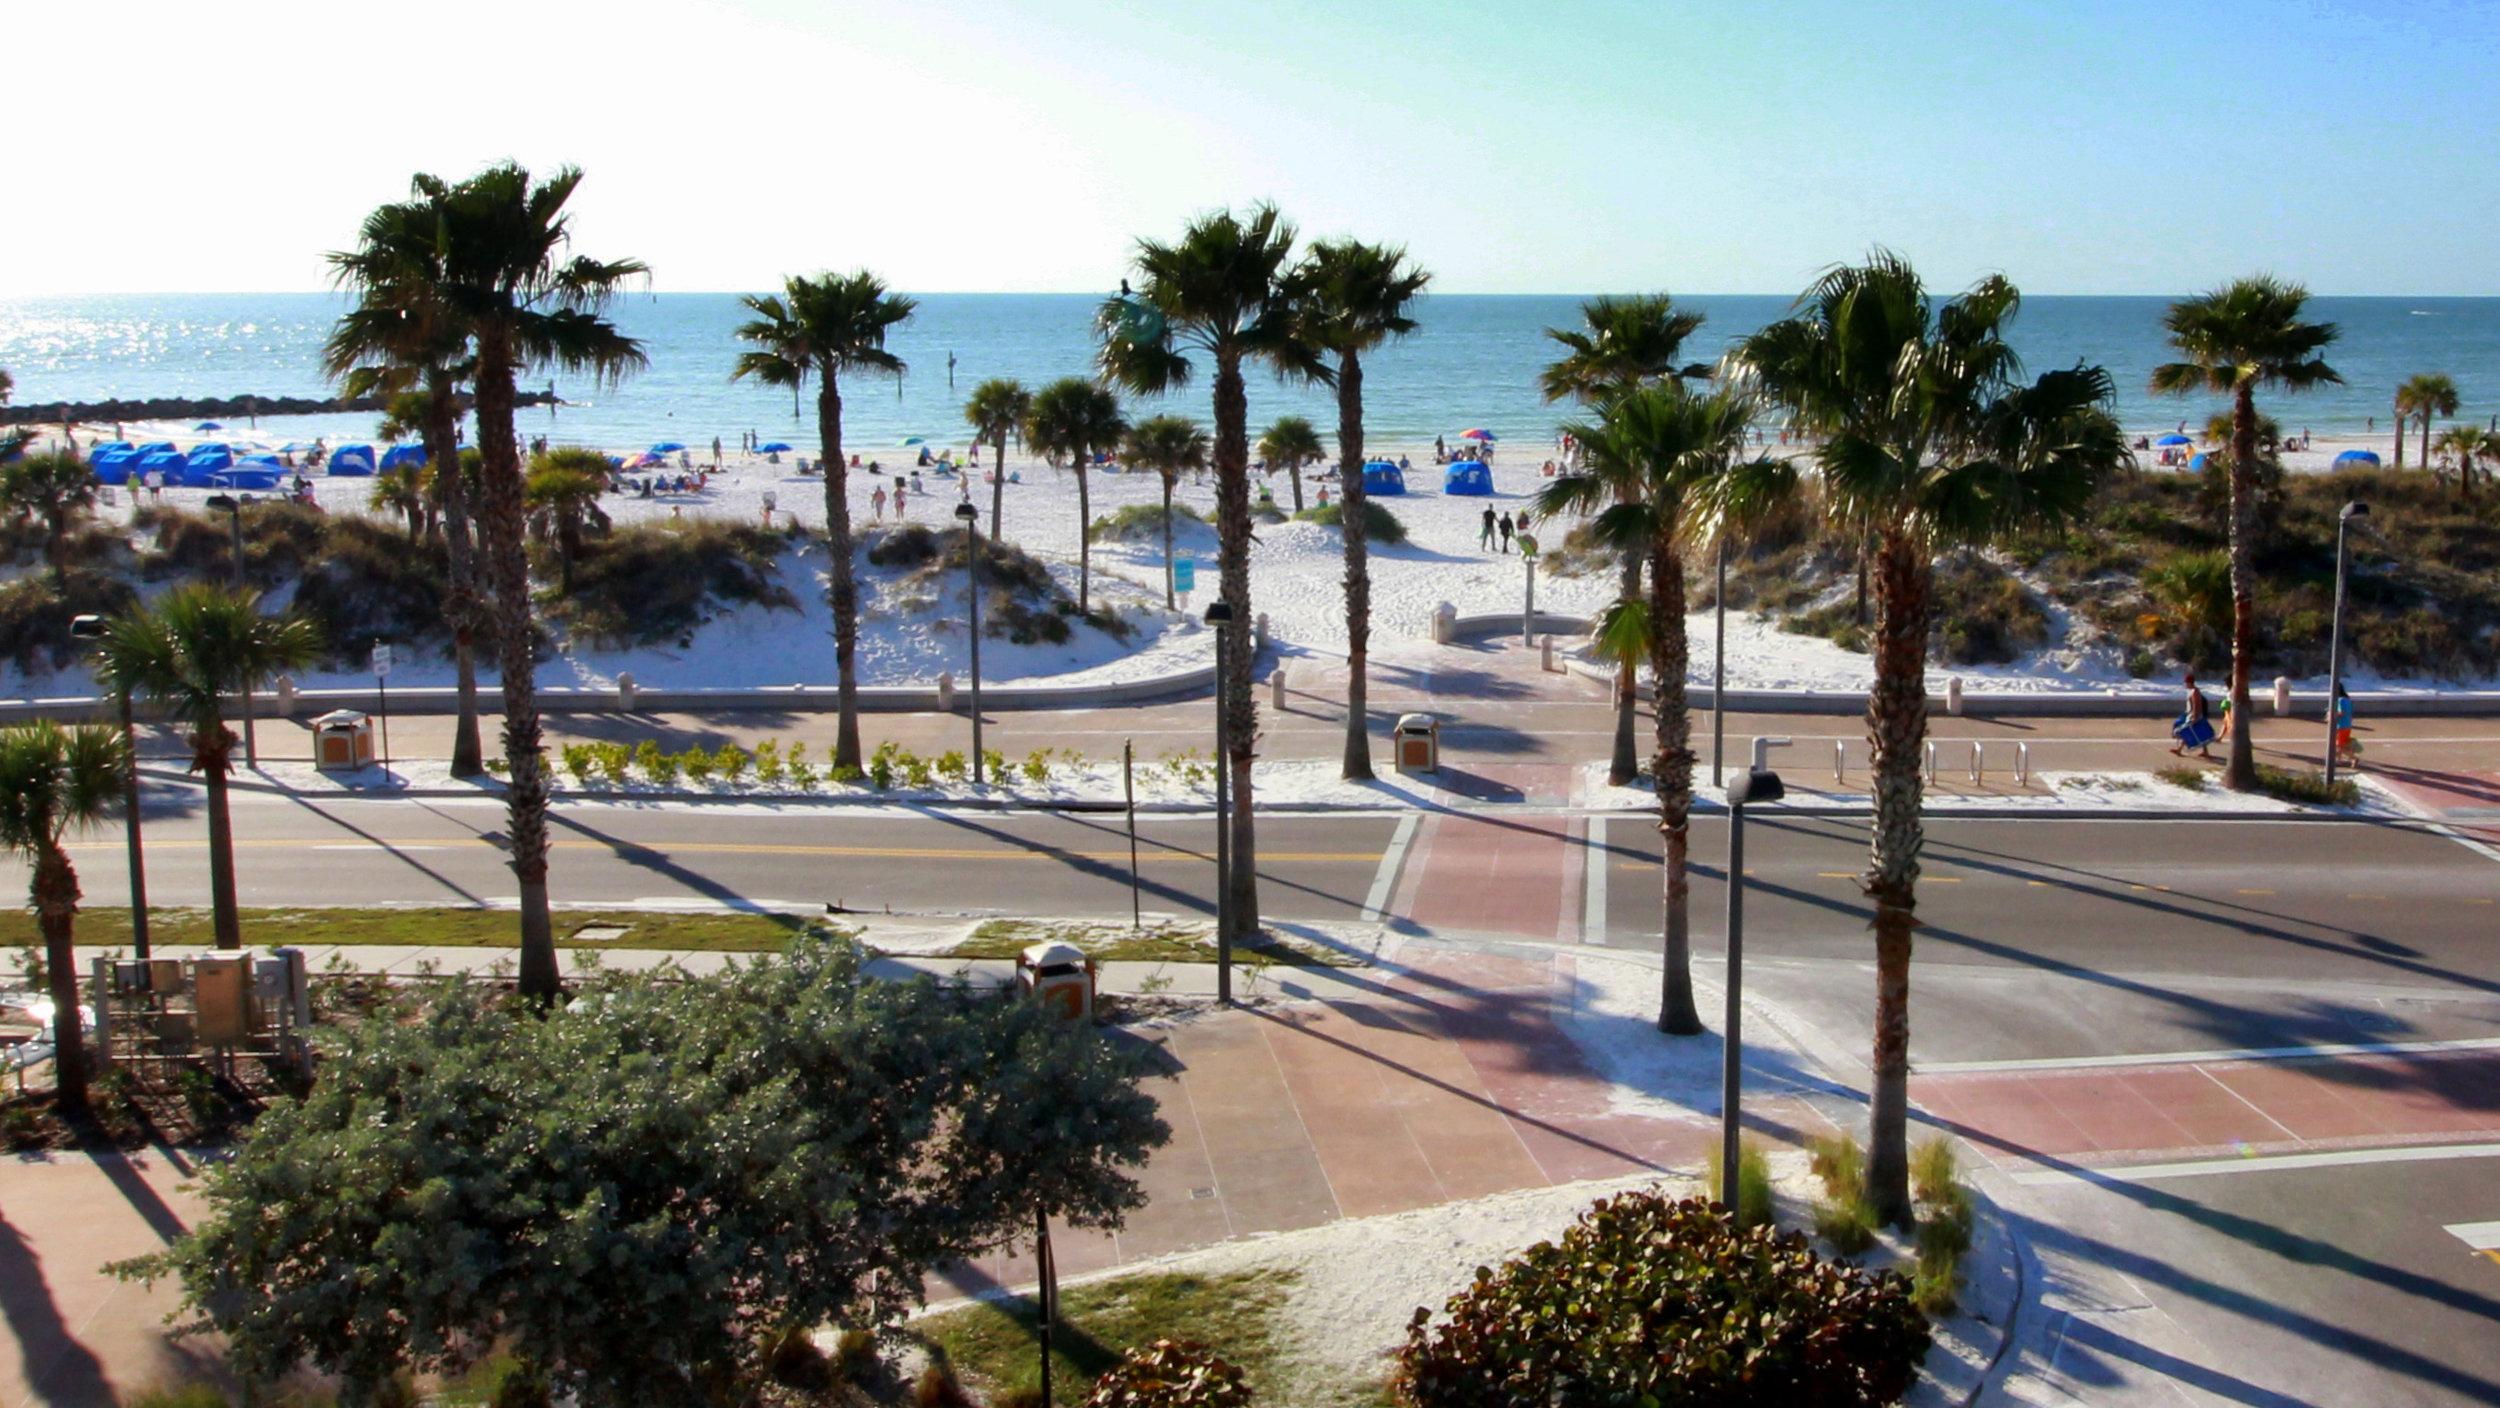 boardwalk of clearwater beach.jpg